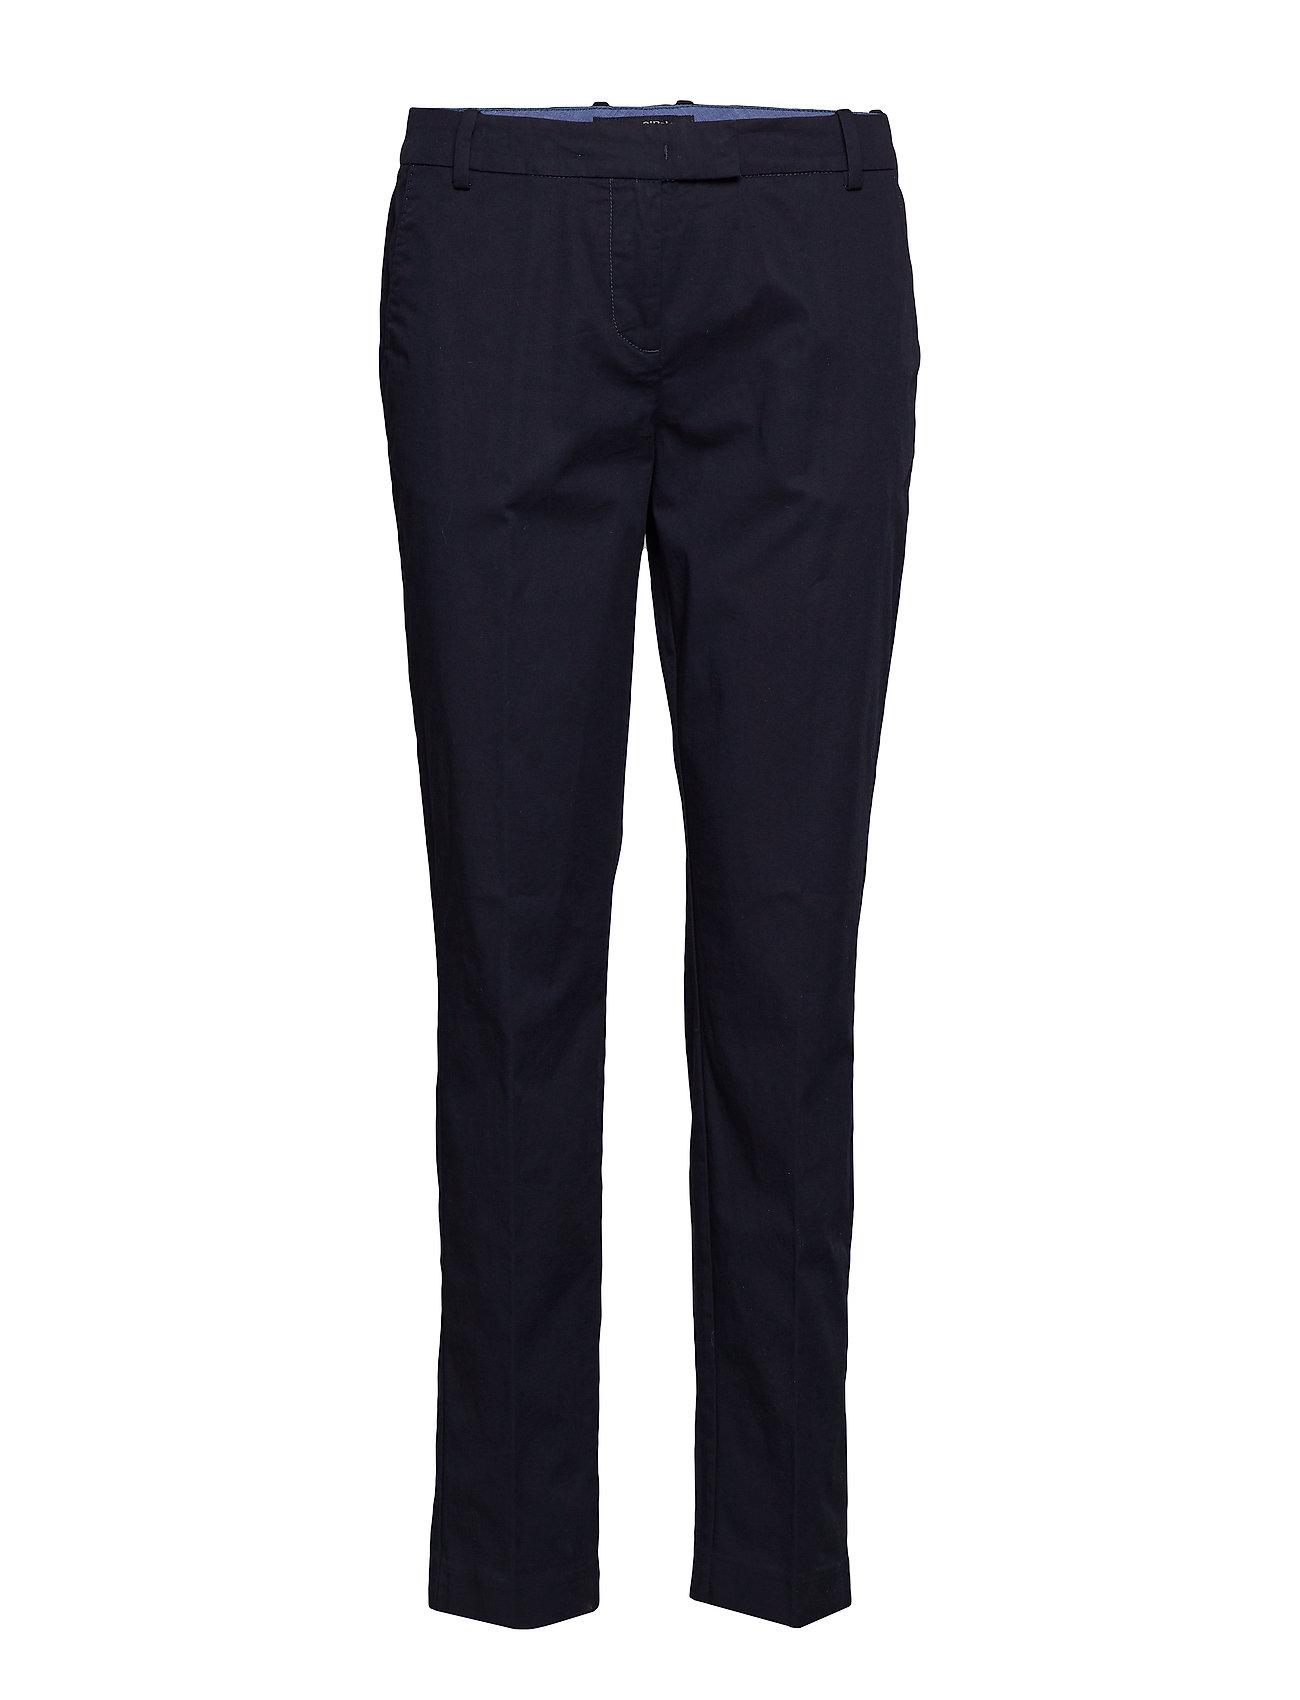 Marc O'Polo Woven Pants - THUNDER BLUE